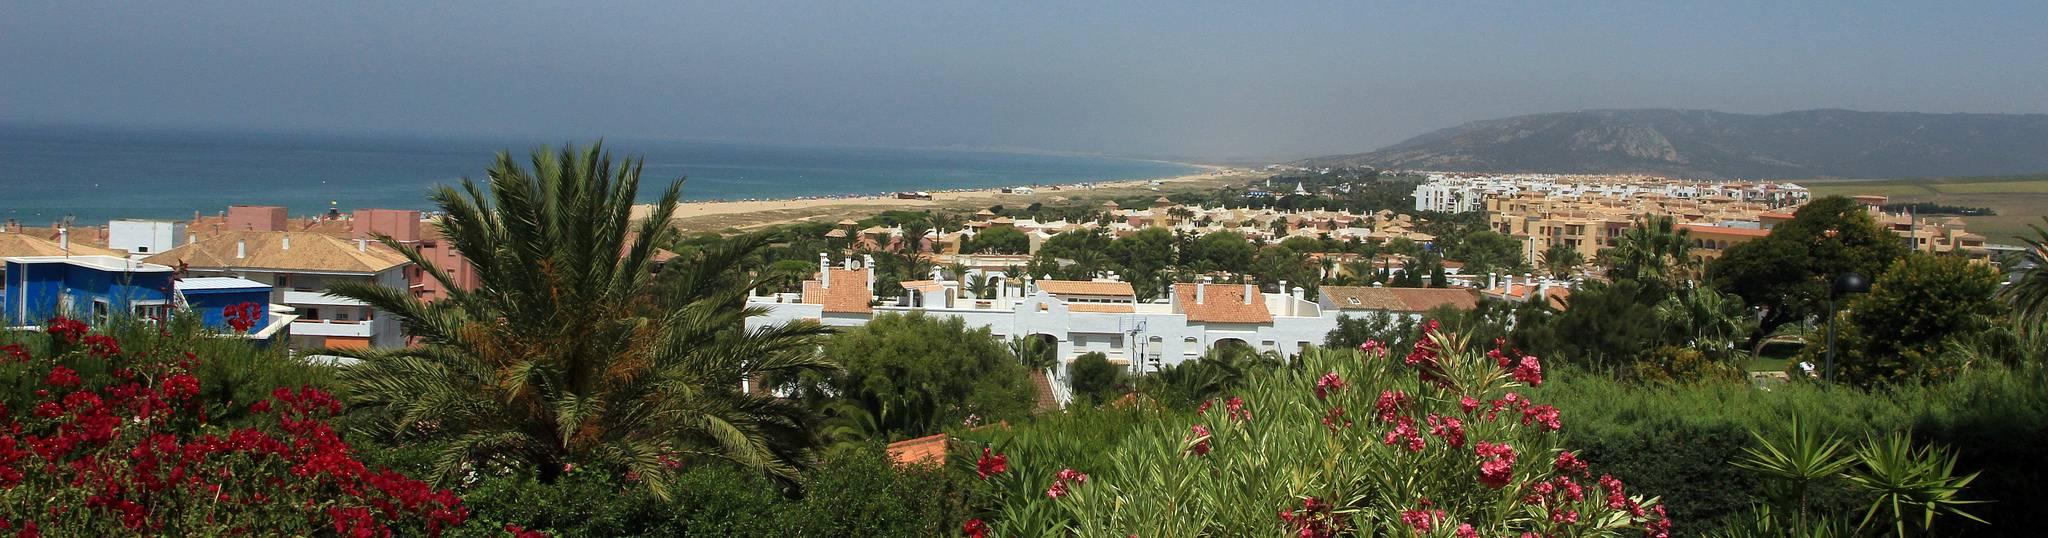 Fuente: Turismo Cádiz